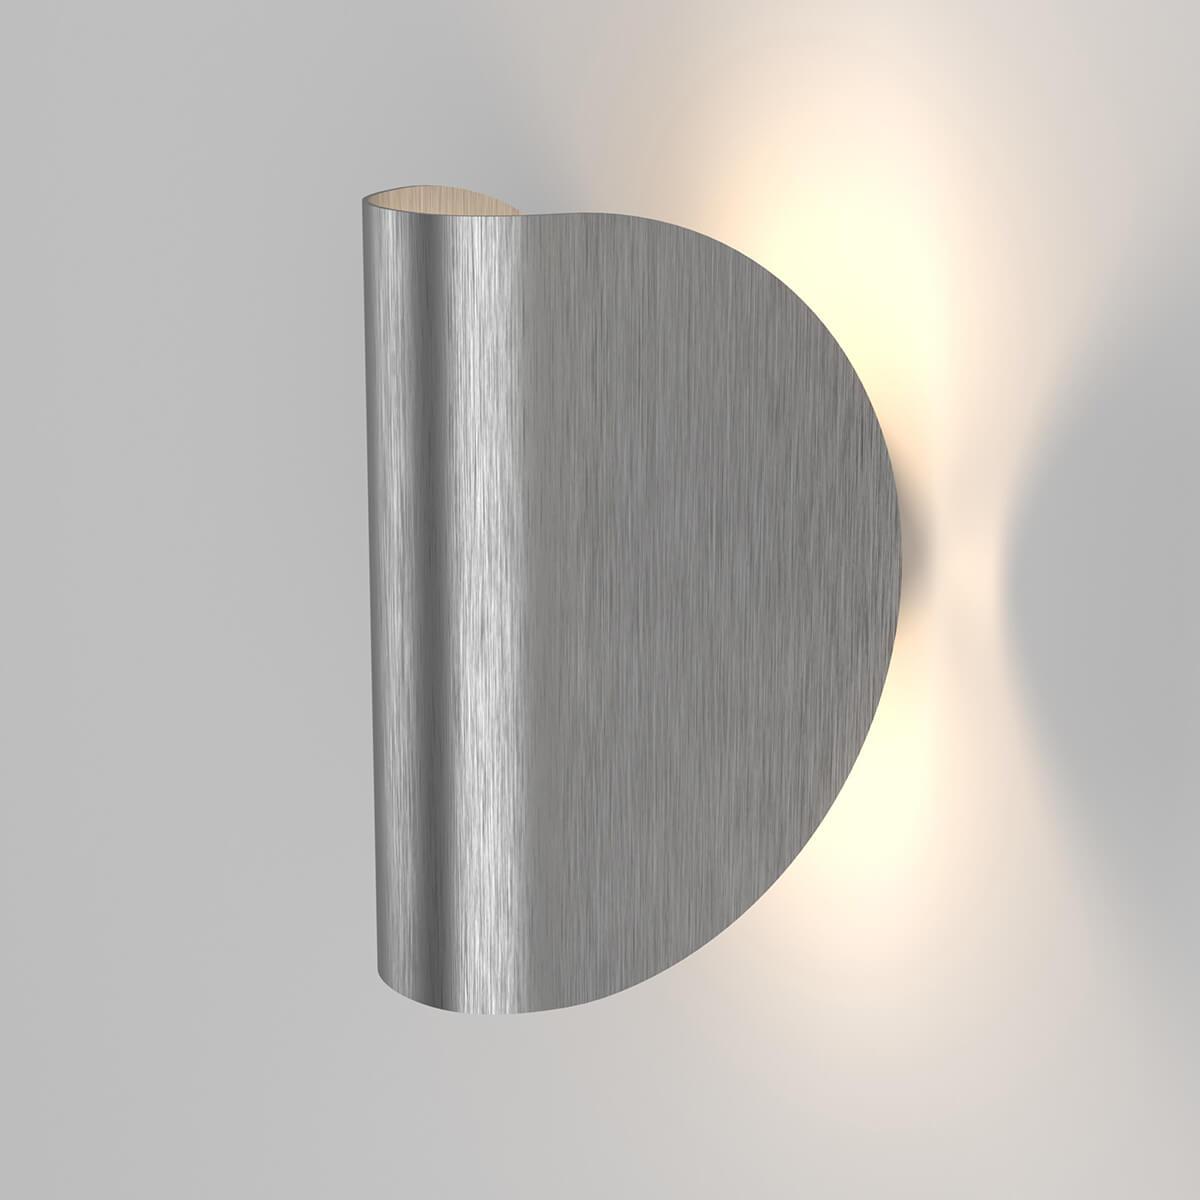 Светильник Elektrostandard 4690389167270 Taco